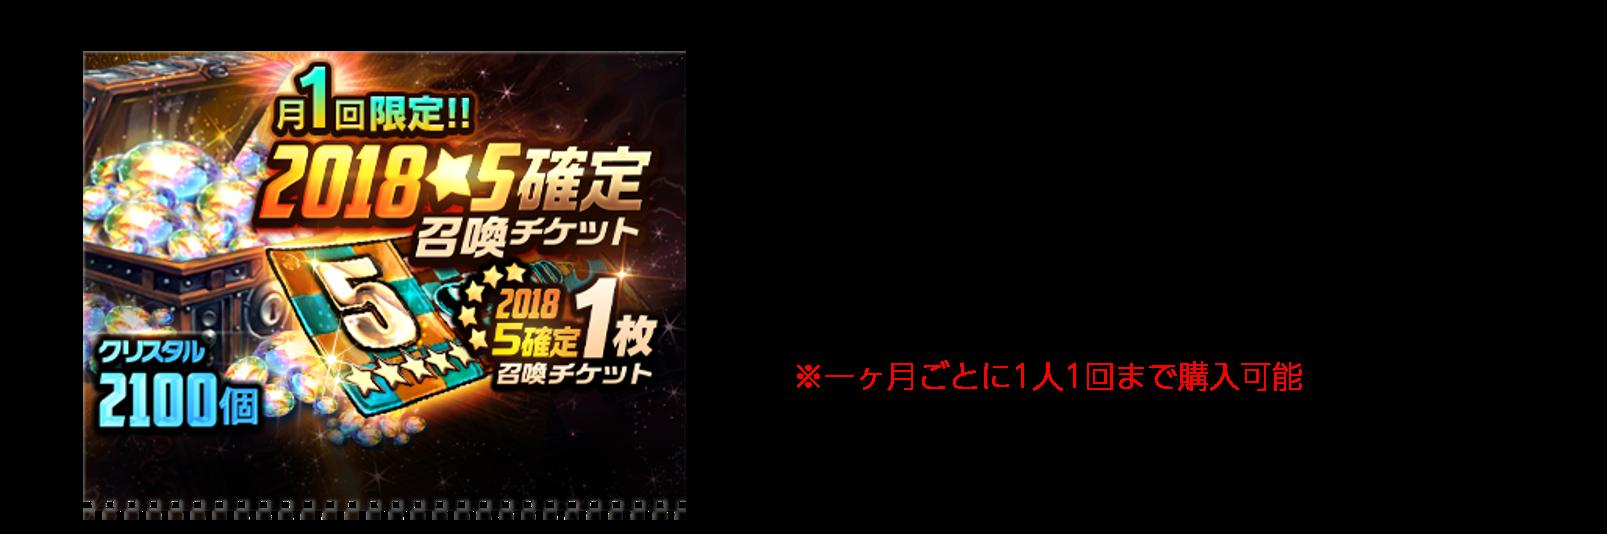 2018★5確定_常設